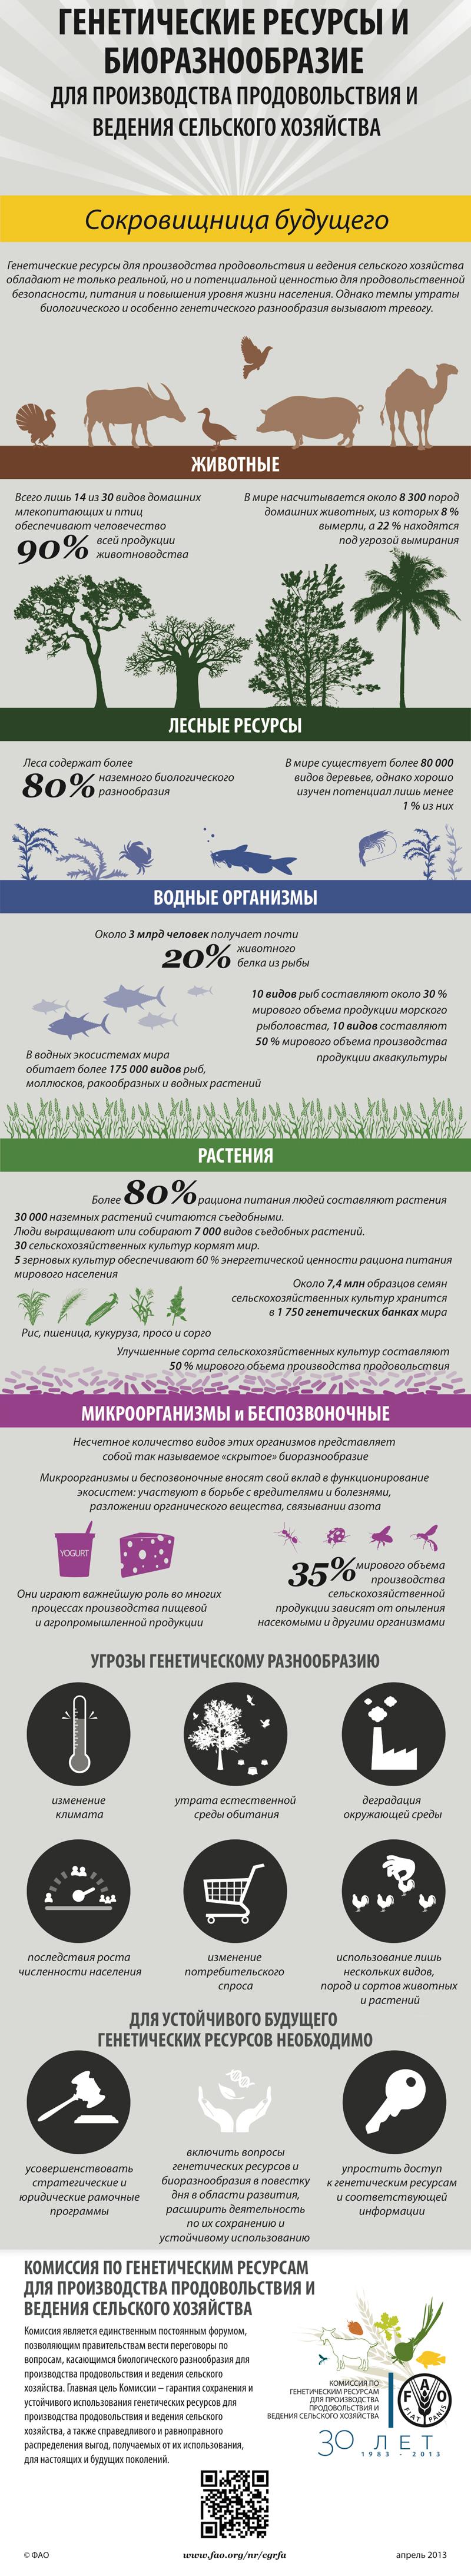 Genetic_ru.jpg